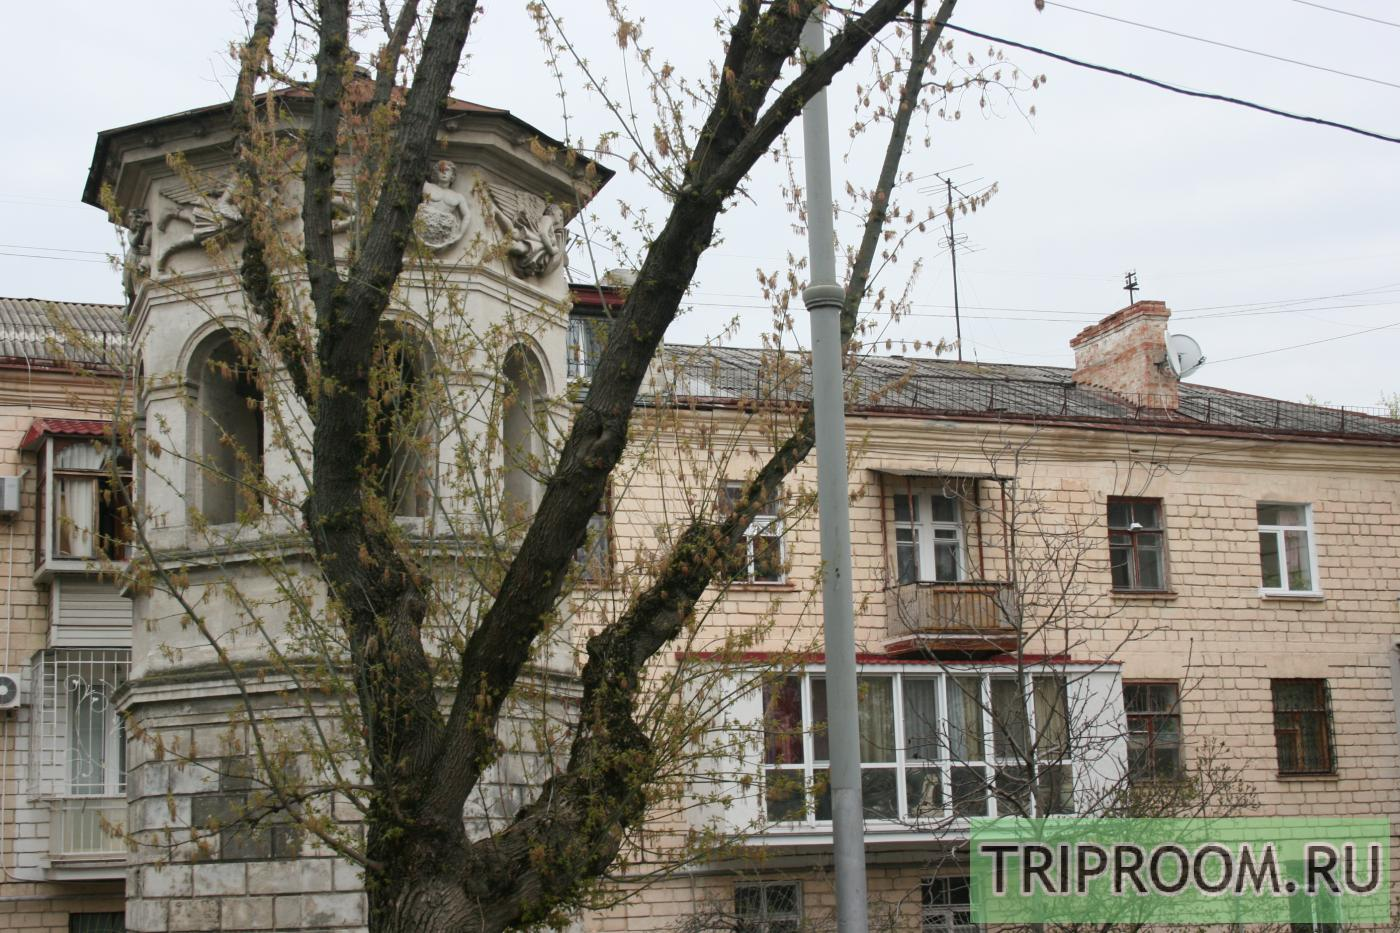 1-комнатная квартира посуточно (вариант № 1326), ул. Советская улица, фото № 14